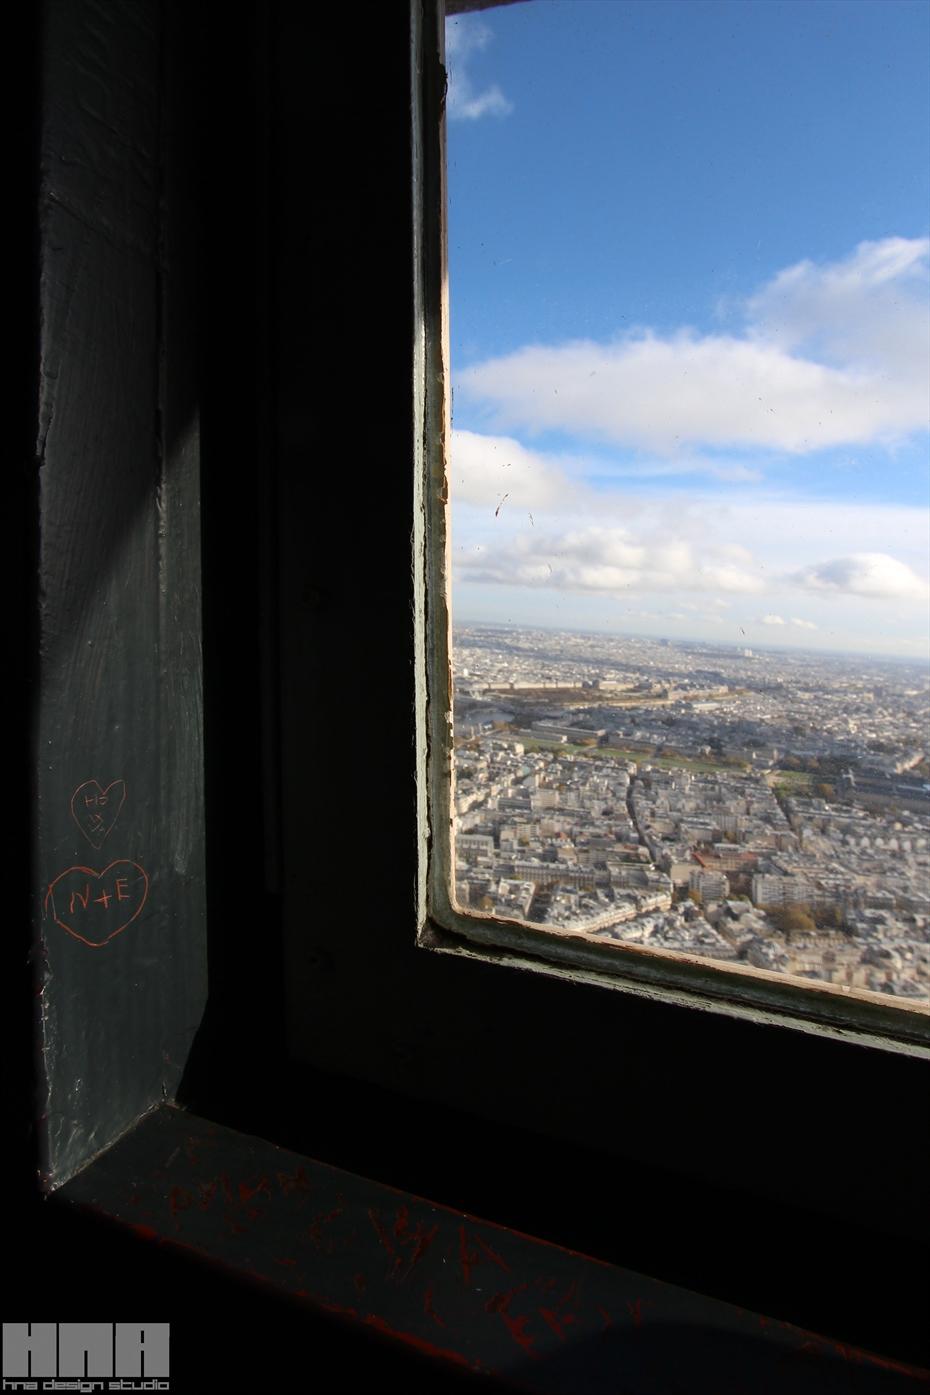 parizs street art 18